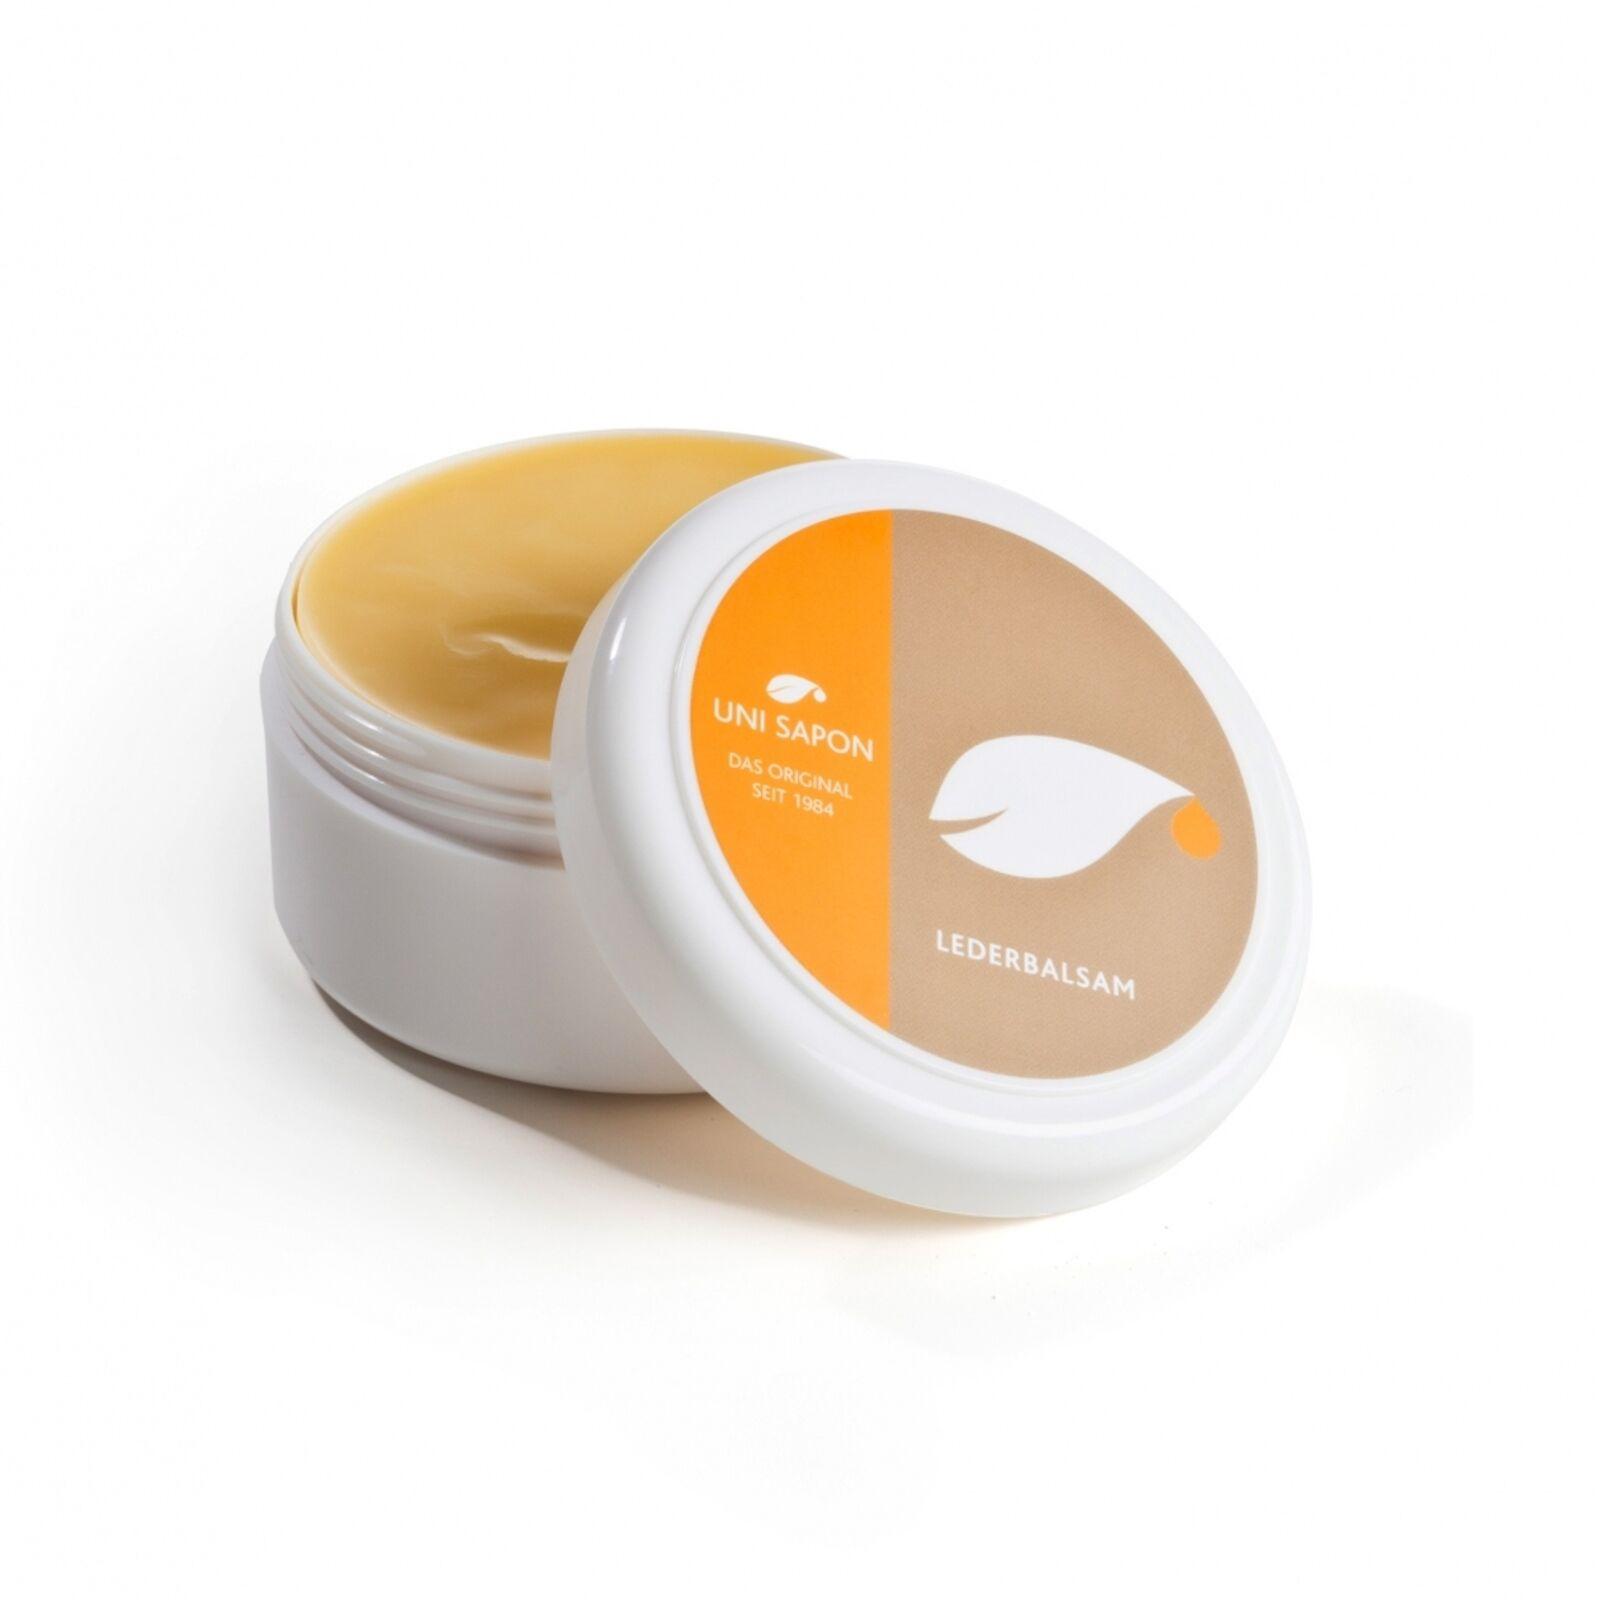 BIO Lederbalsam - Lederpflege von Uni Sapon - für Natur und Kunstleder - 200 ml